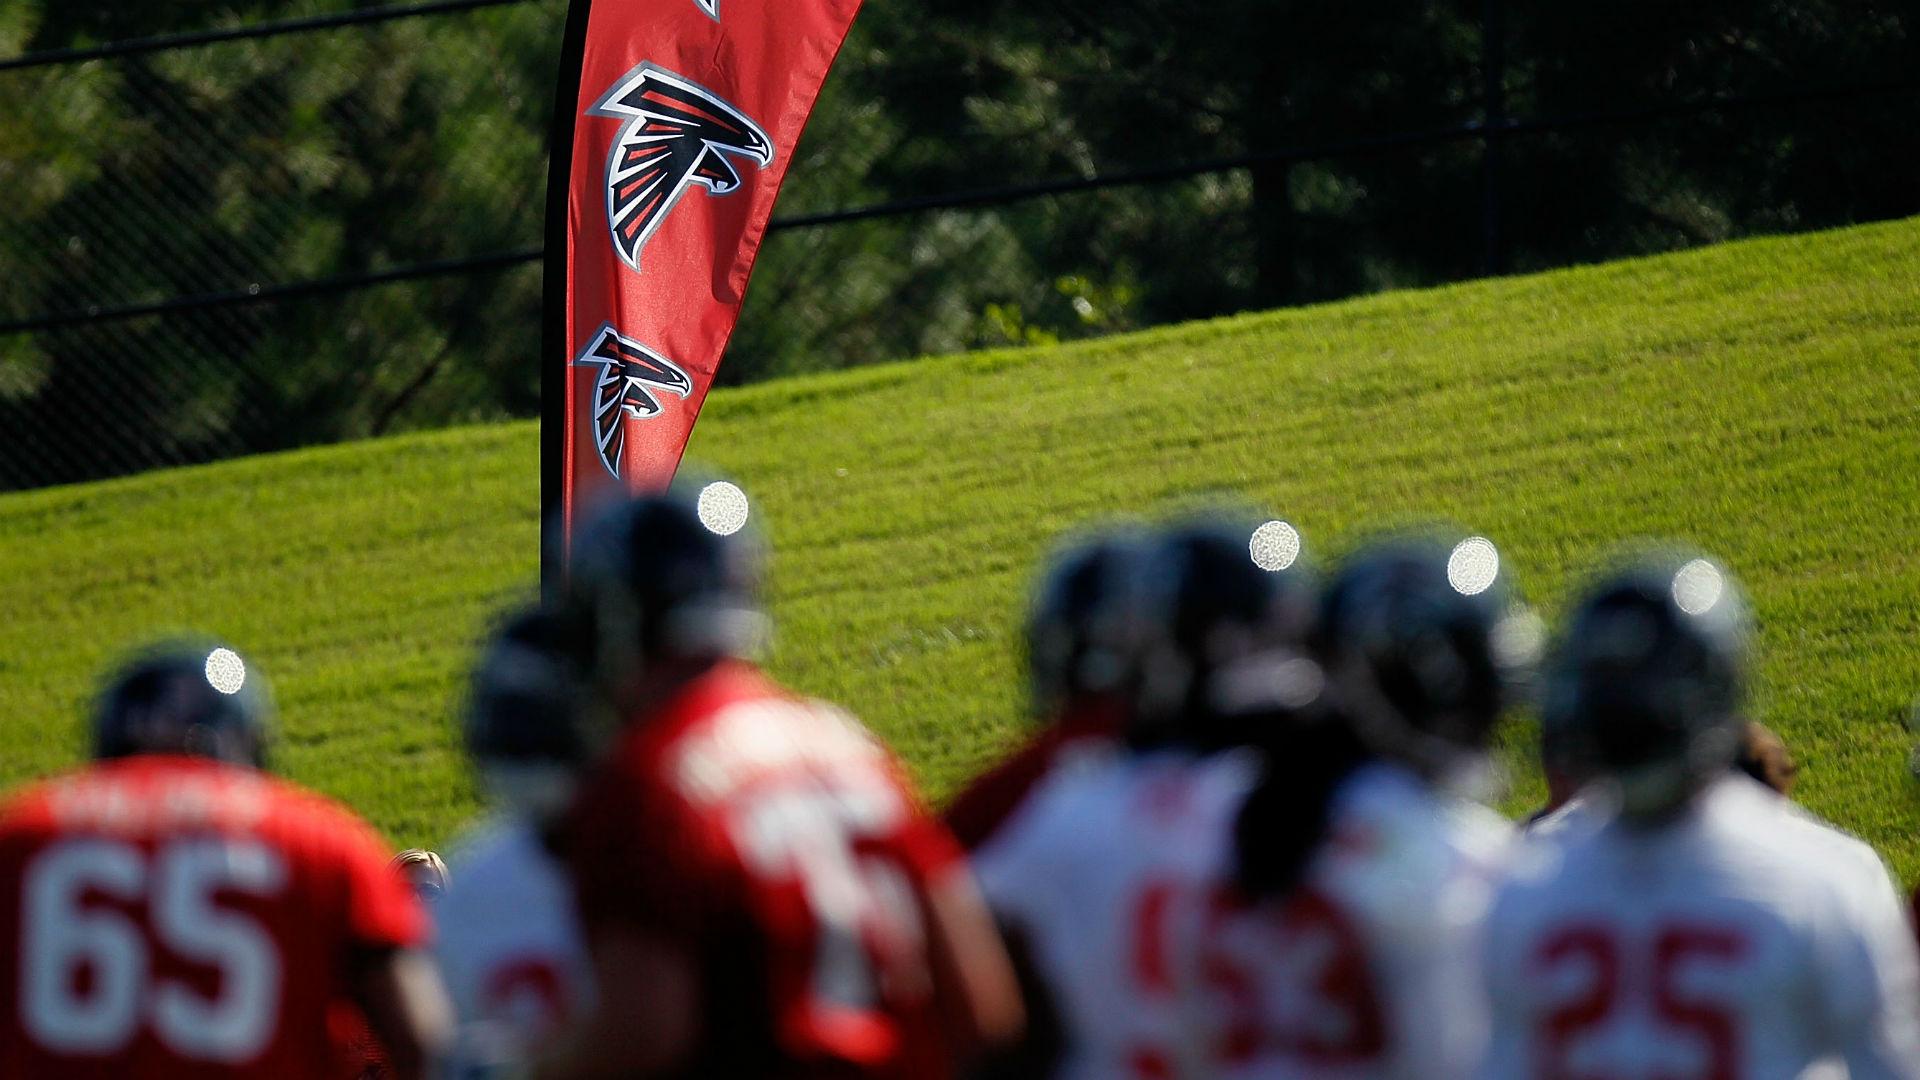 Falcons-training-camp-052517-getty-ftrjpg_kj532j97i1fs152y1rwwbbeko